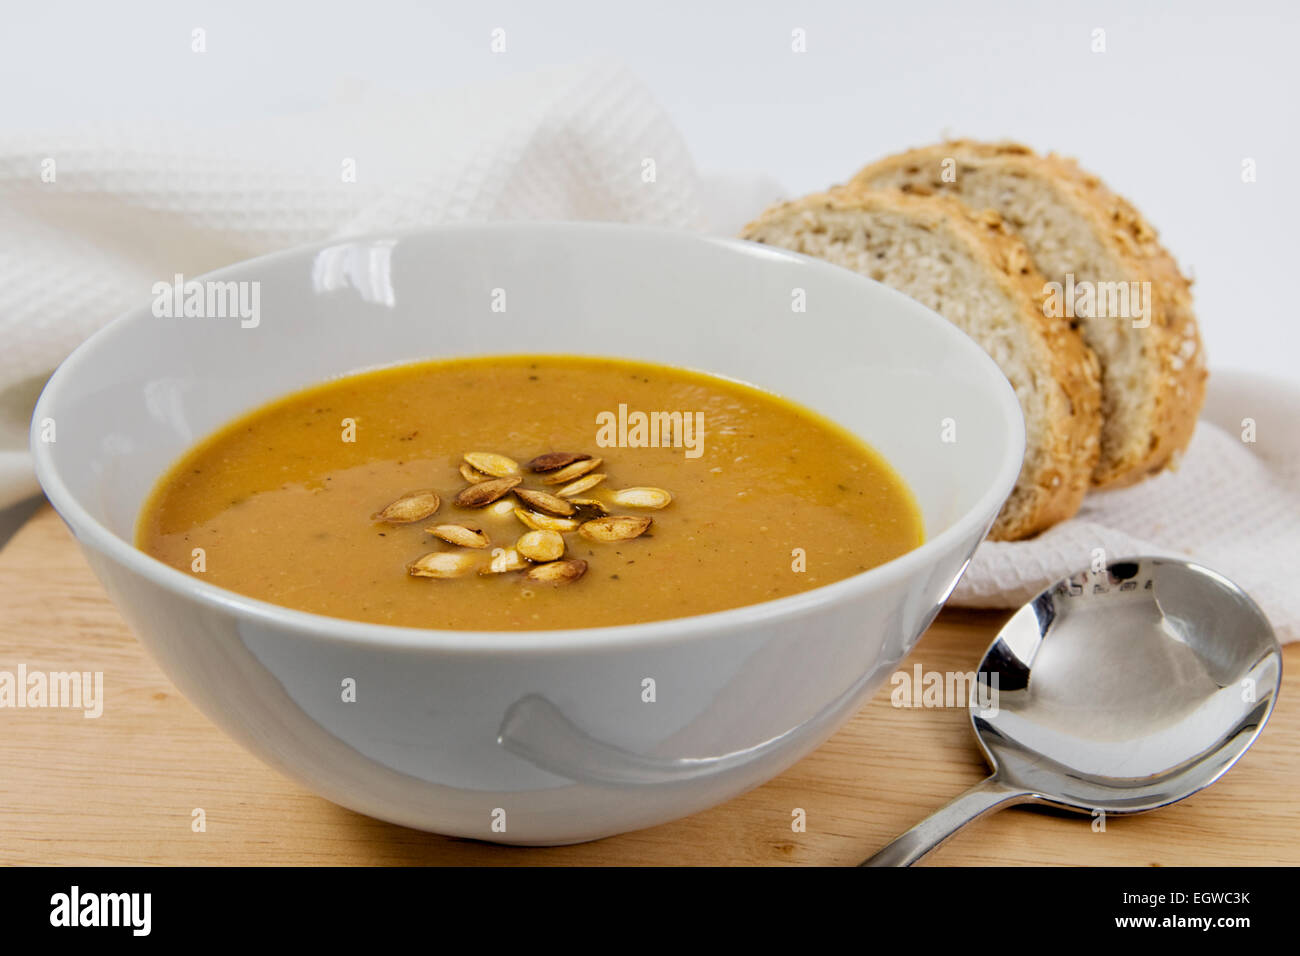 Speziato arrosto fatte in casa la zucca minestra con arrosti di zucca semi spruzzato sulla parte superiore, in una Immagini Stock